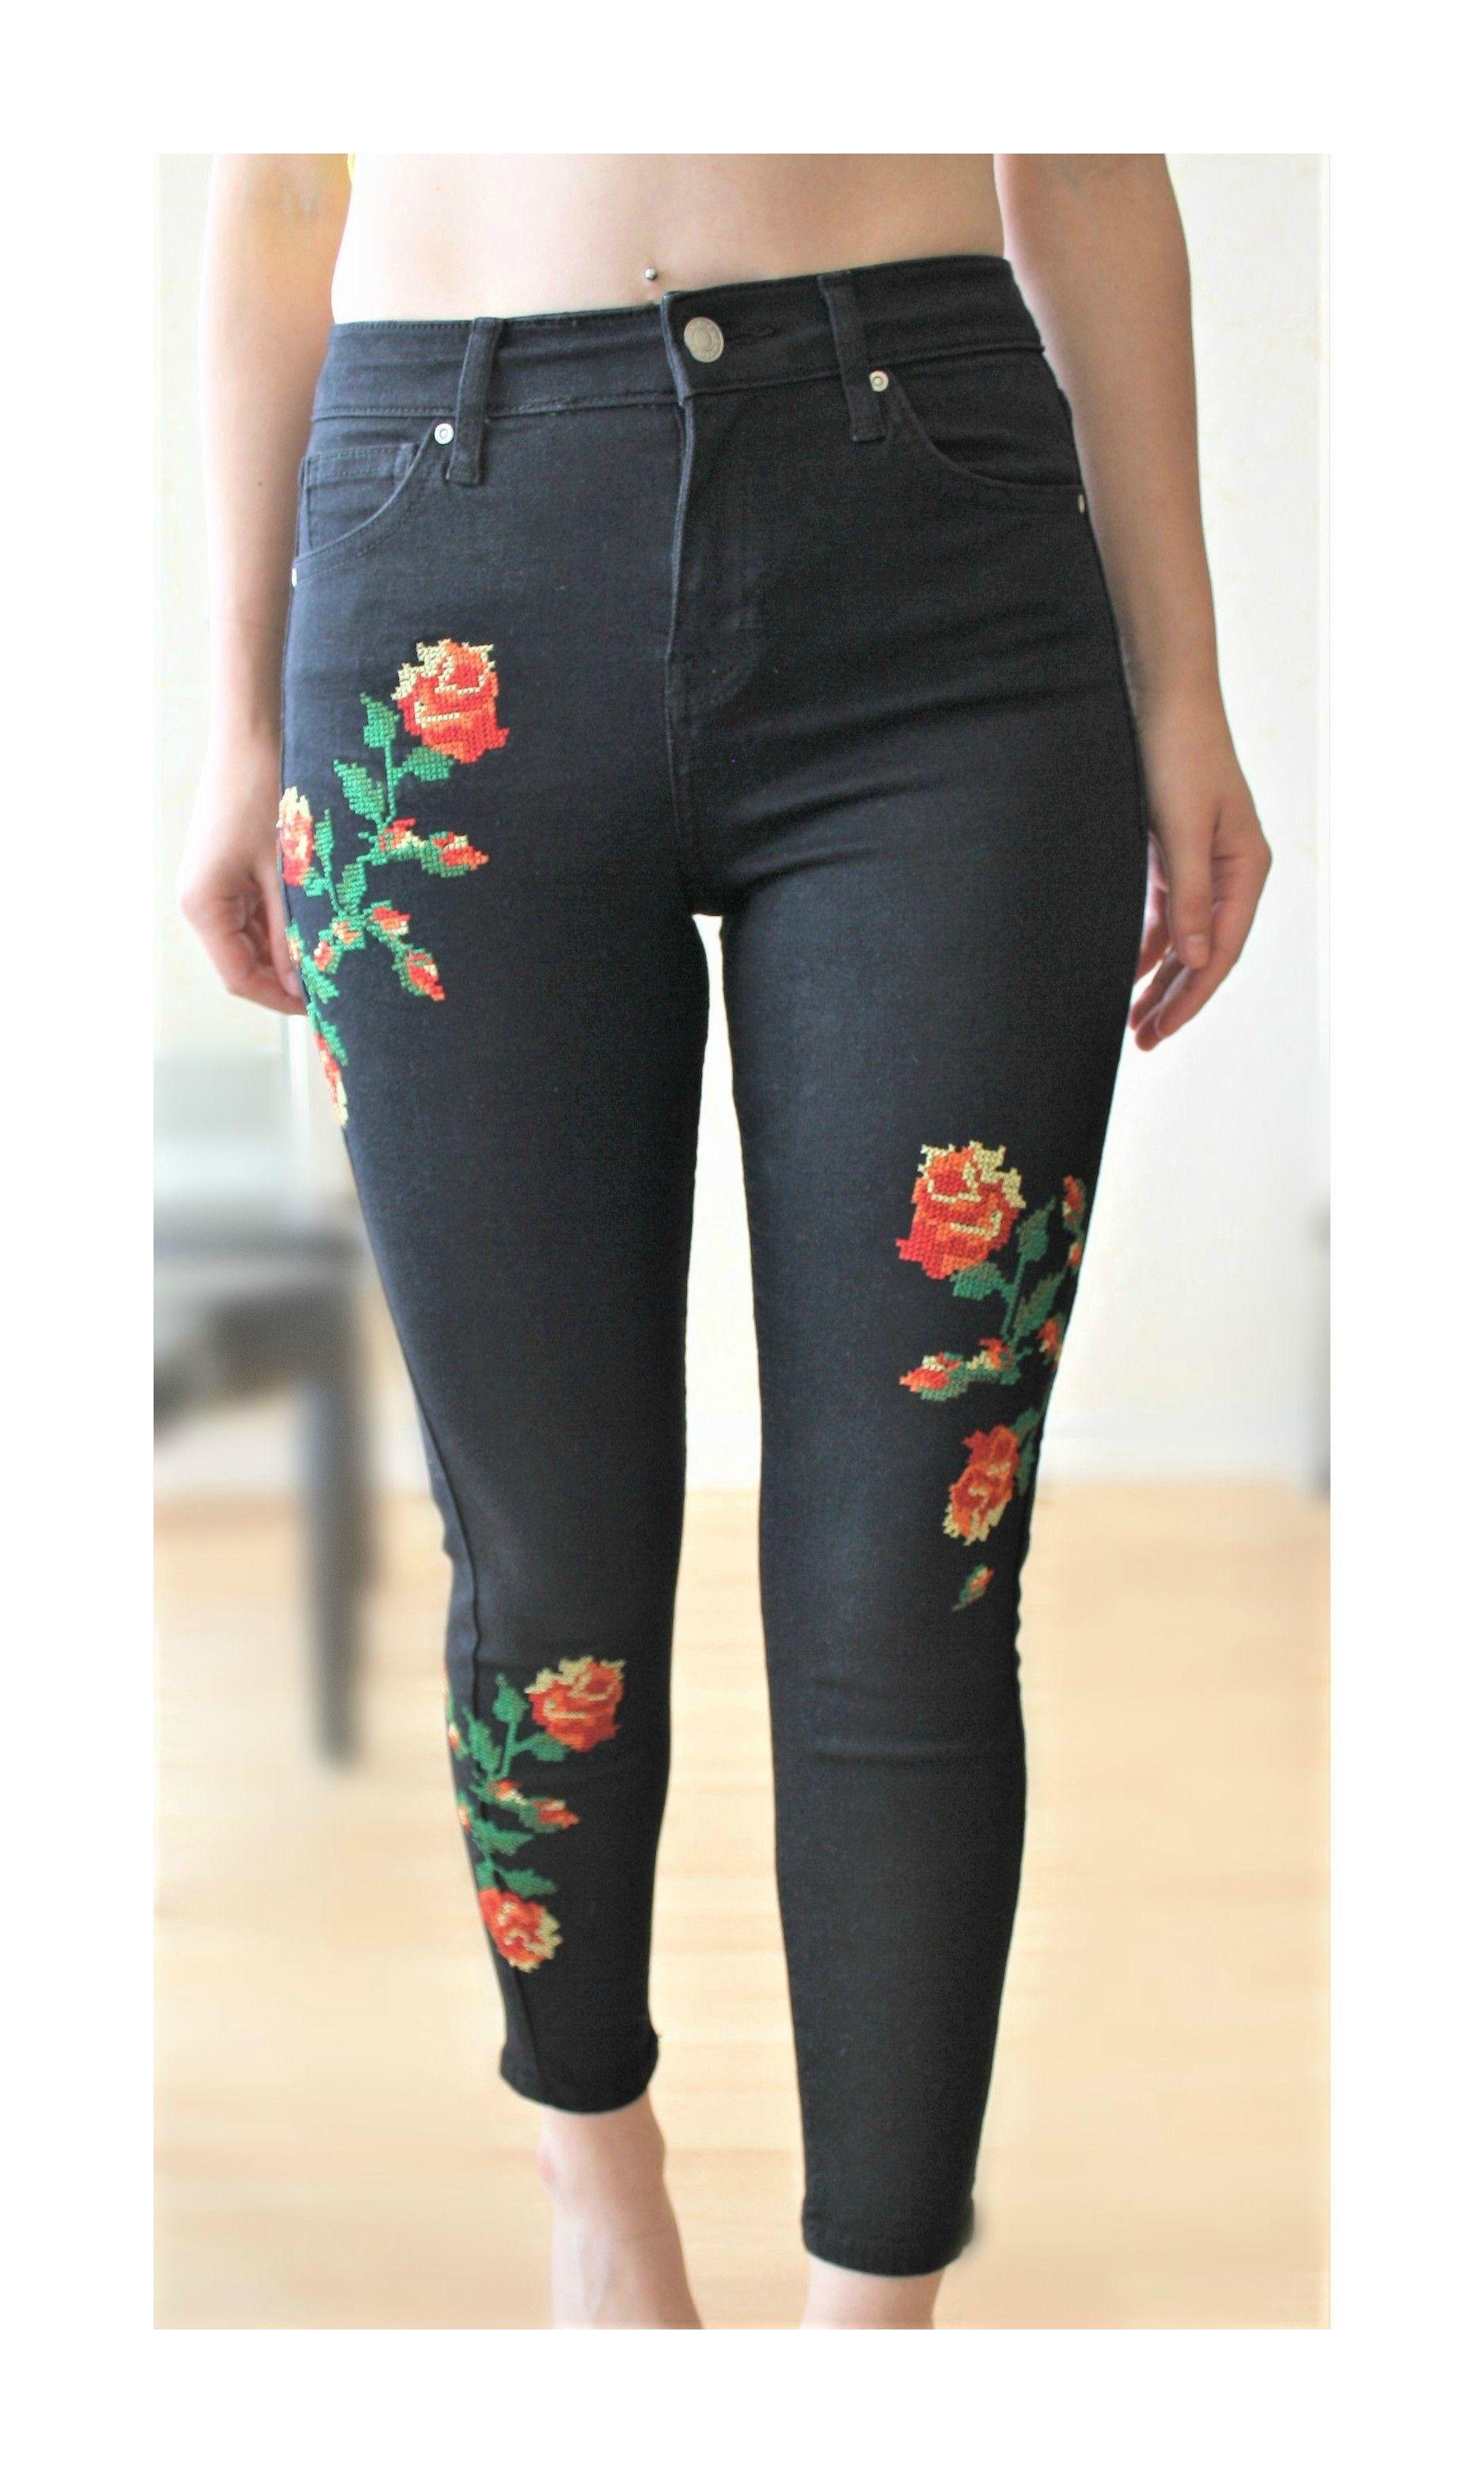 b3c90cf9d1d9 À vendre sur    vintedfrance  vinted  jeans  jean  jeanbroderie  broderie